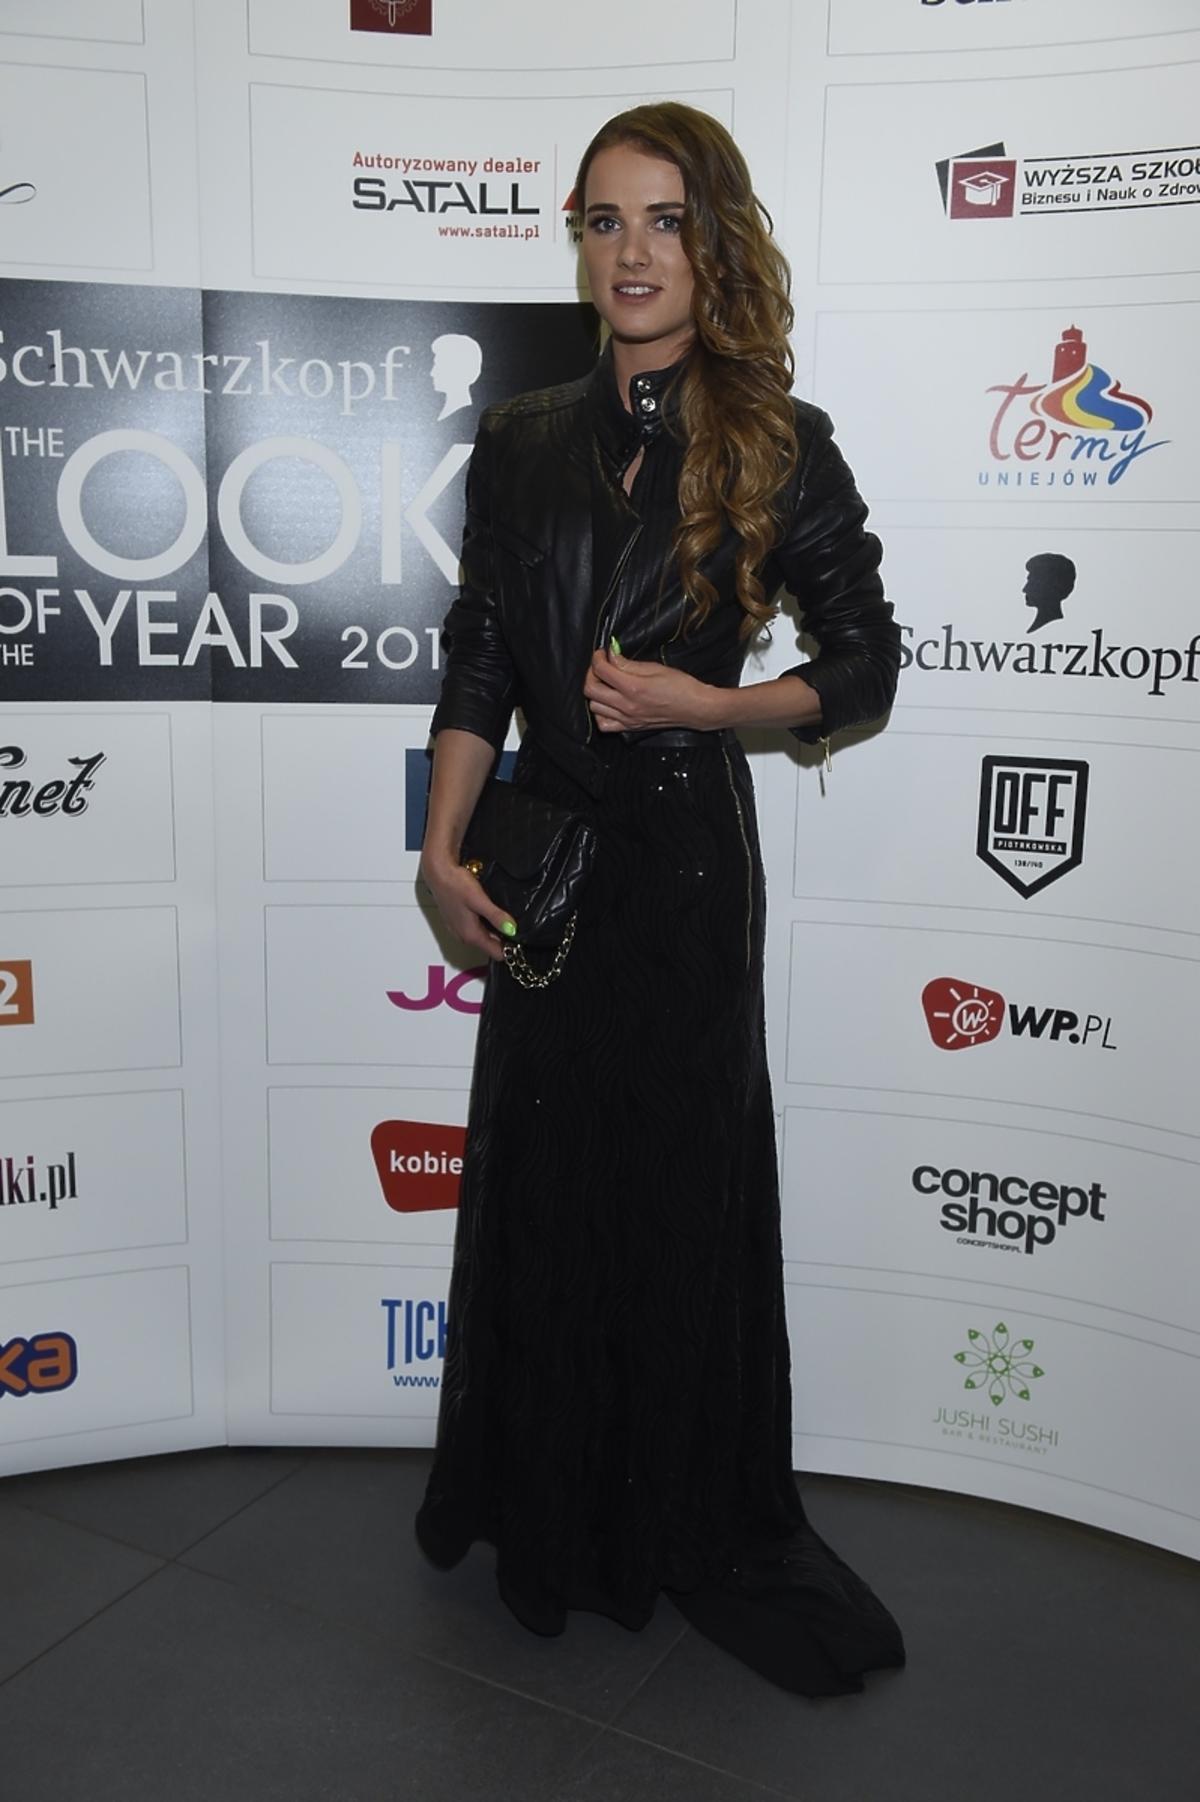 Julia Kuczyńska Maffashion na gali The Look Of The Year